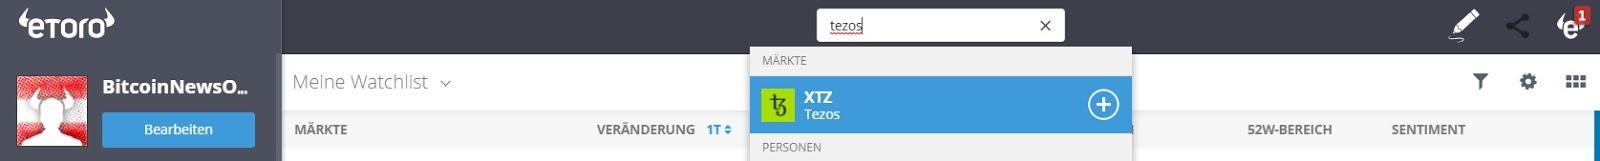 eToro Markets Finding Tezos (XTZ)